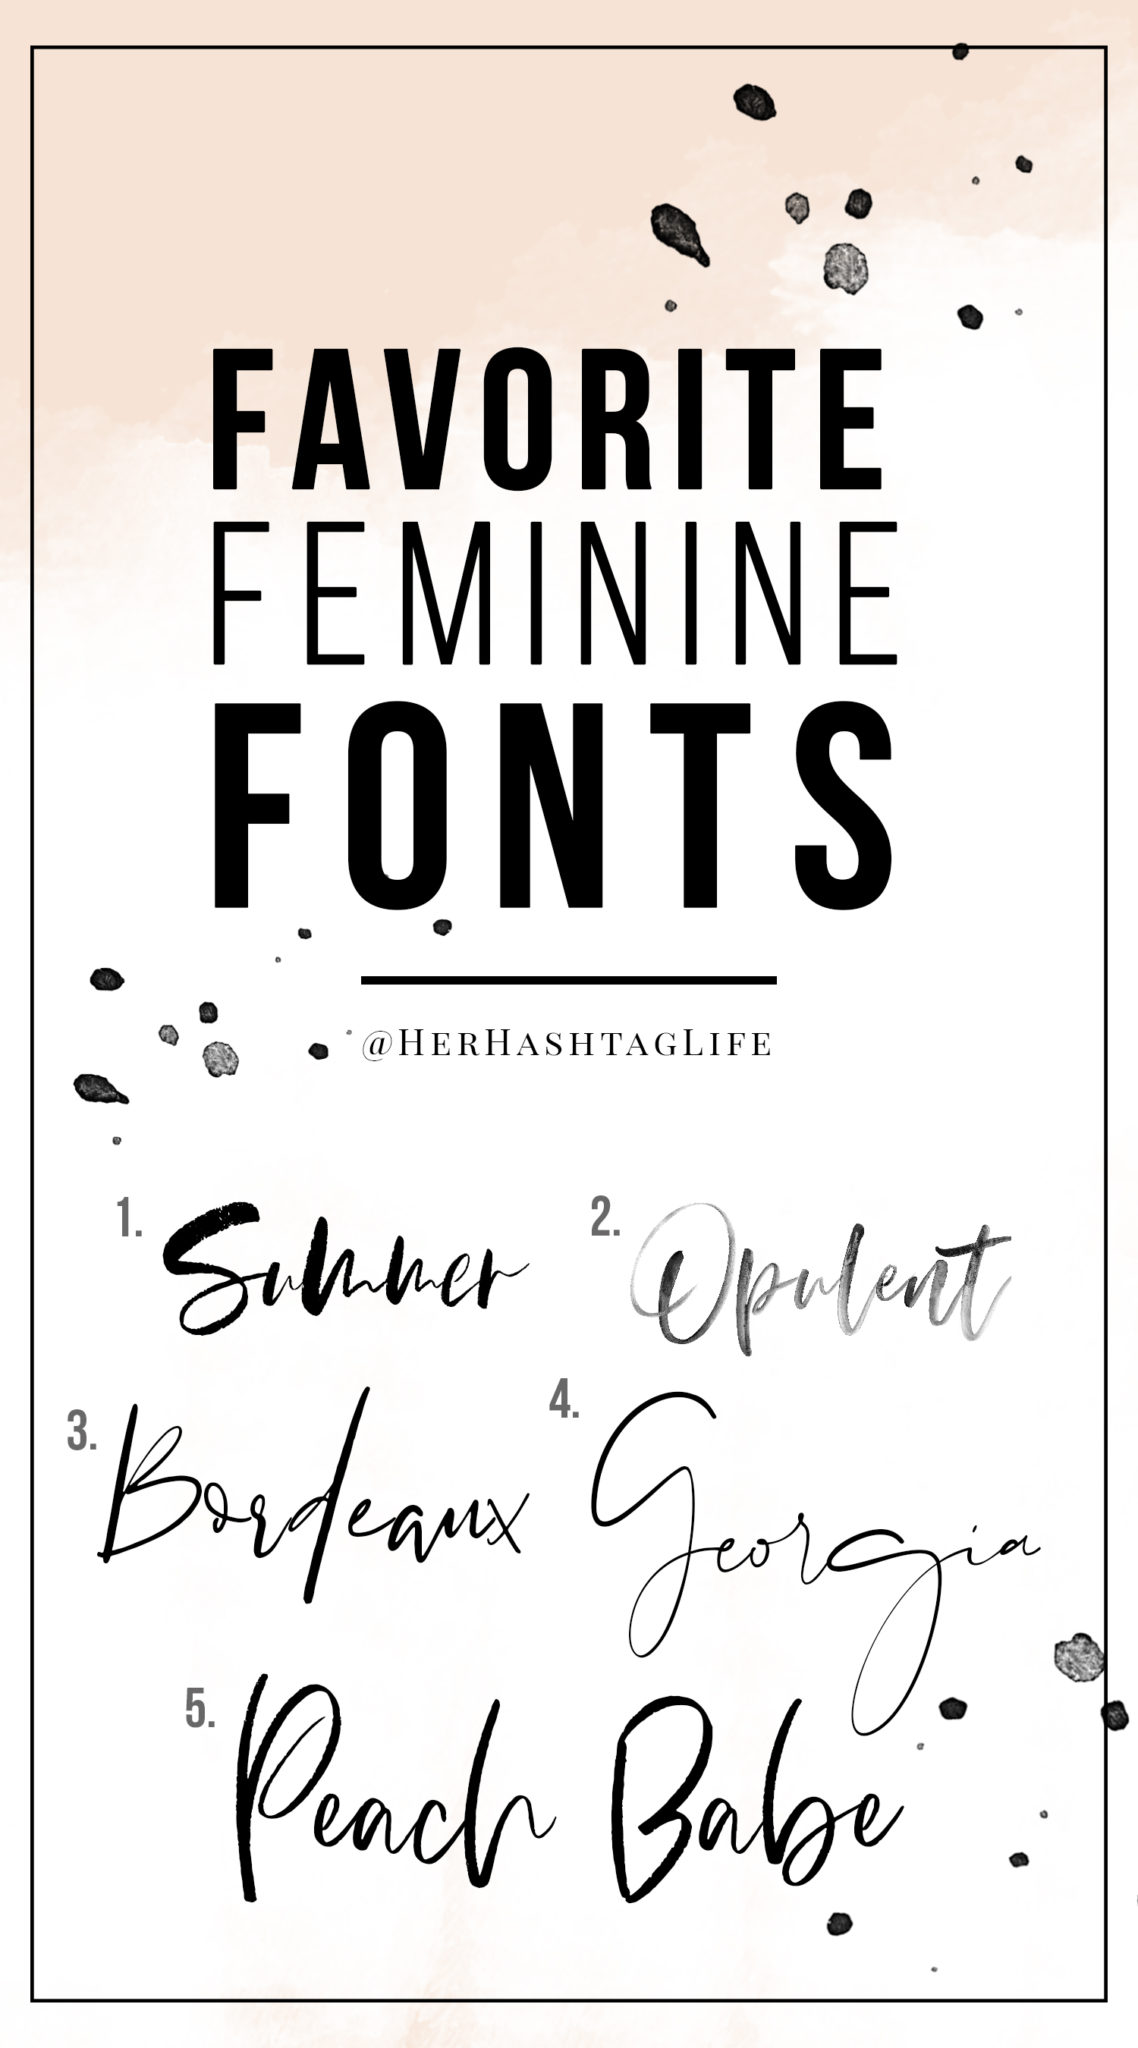 Favorite Feminine Fonts from @HerHashtagLife